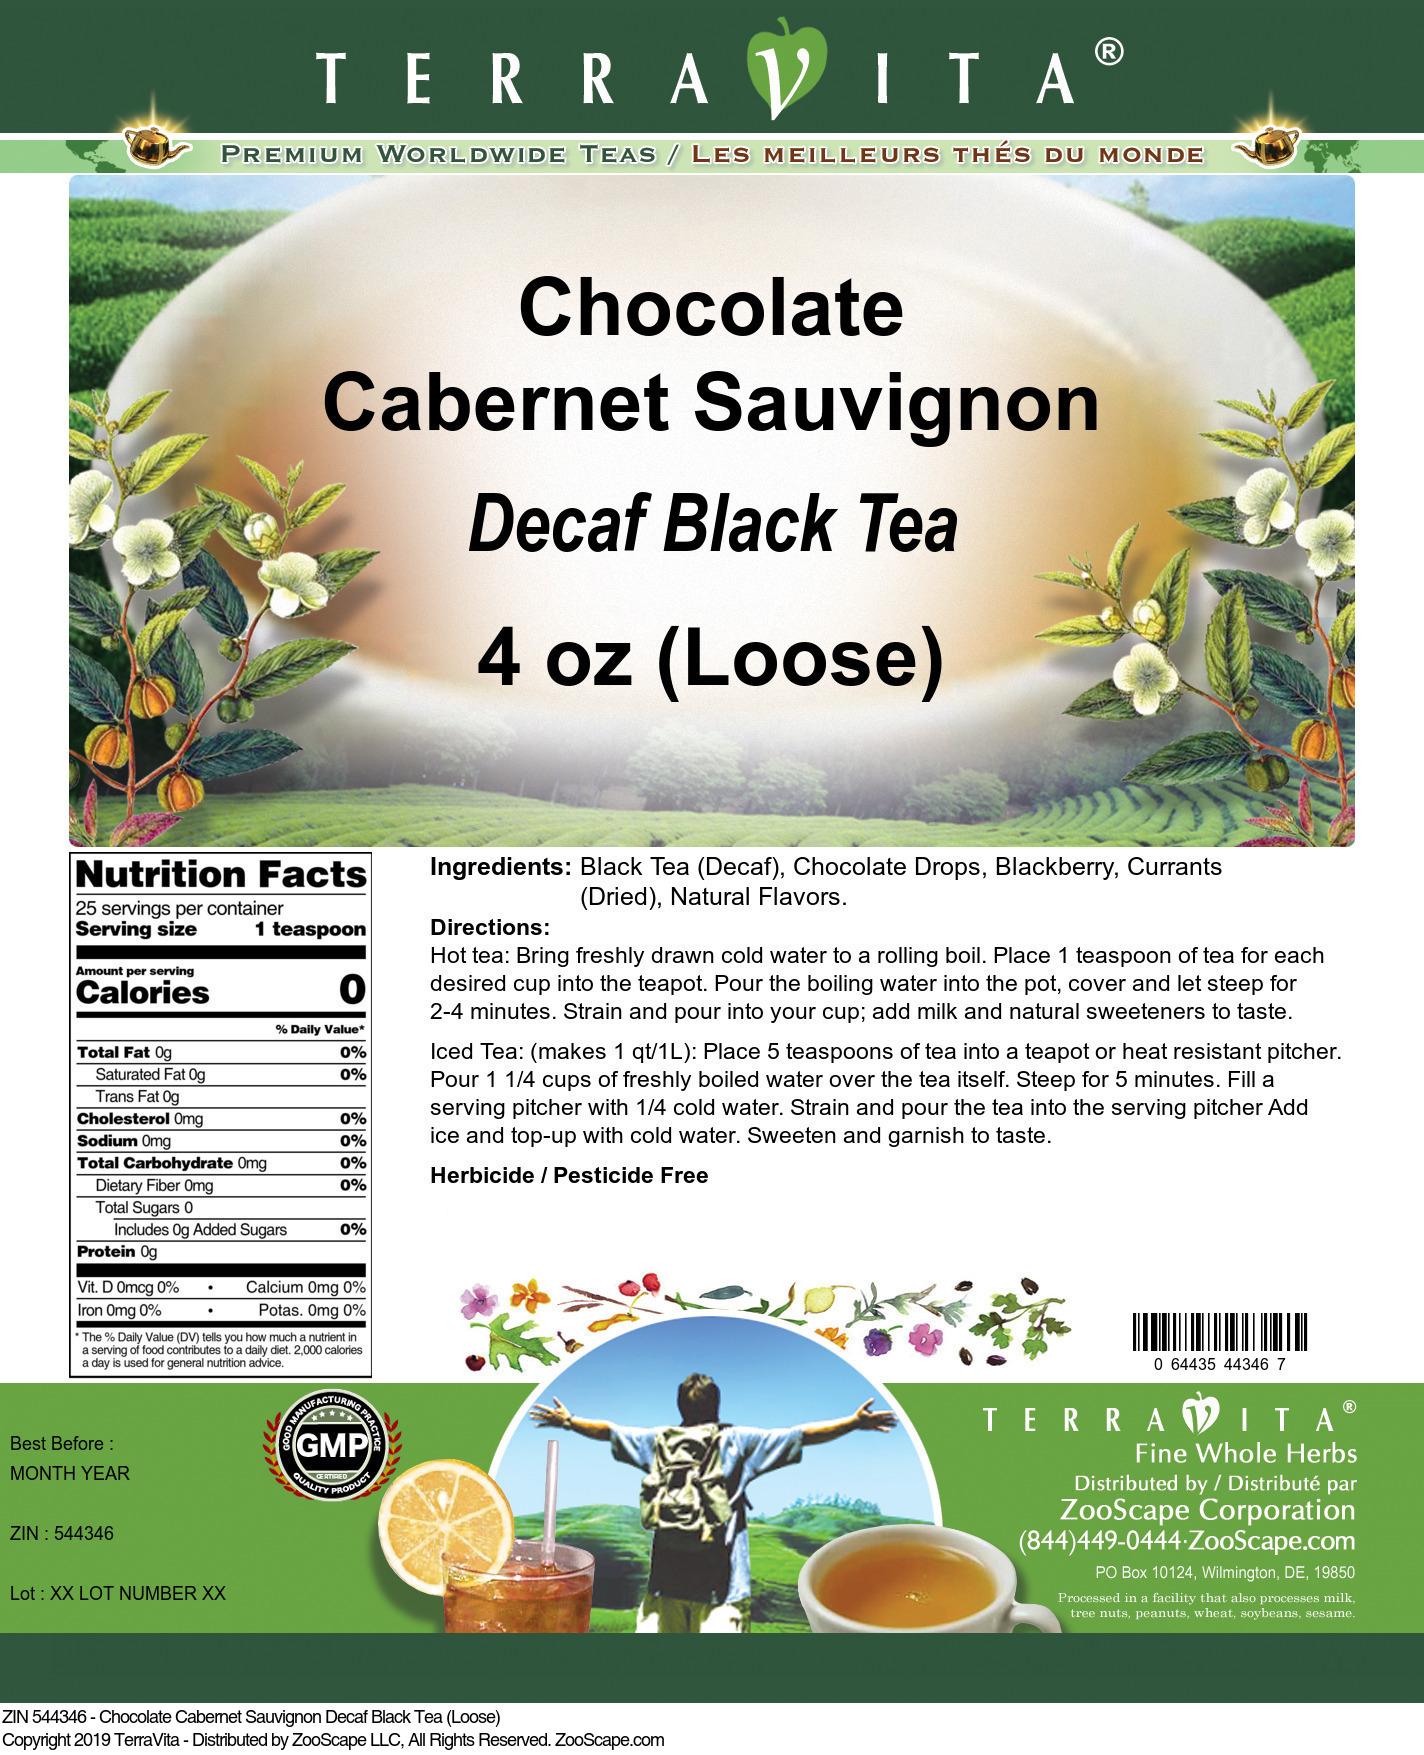 Chocolate Cabernet Sauvignon Decaf Black Tea (Loose)